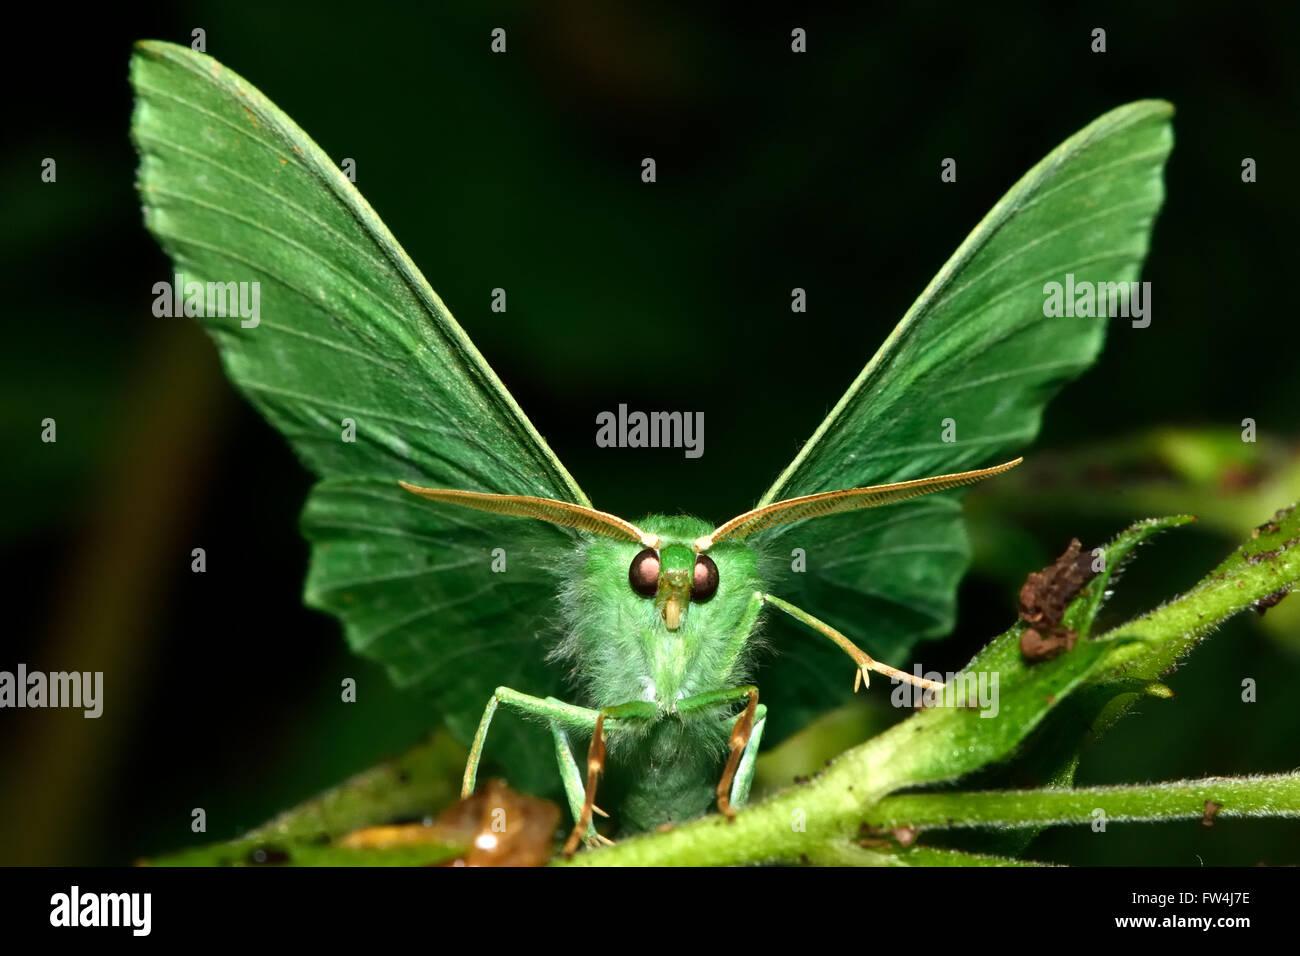 Großer Smaragd Motte (Geometra Papilionaria). Eine beeindruckend grüne Motte in der Familie Geometridae, Stockbild